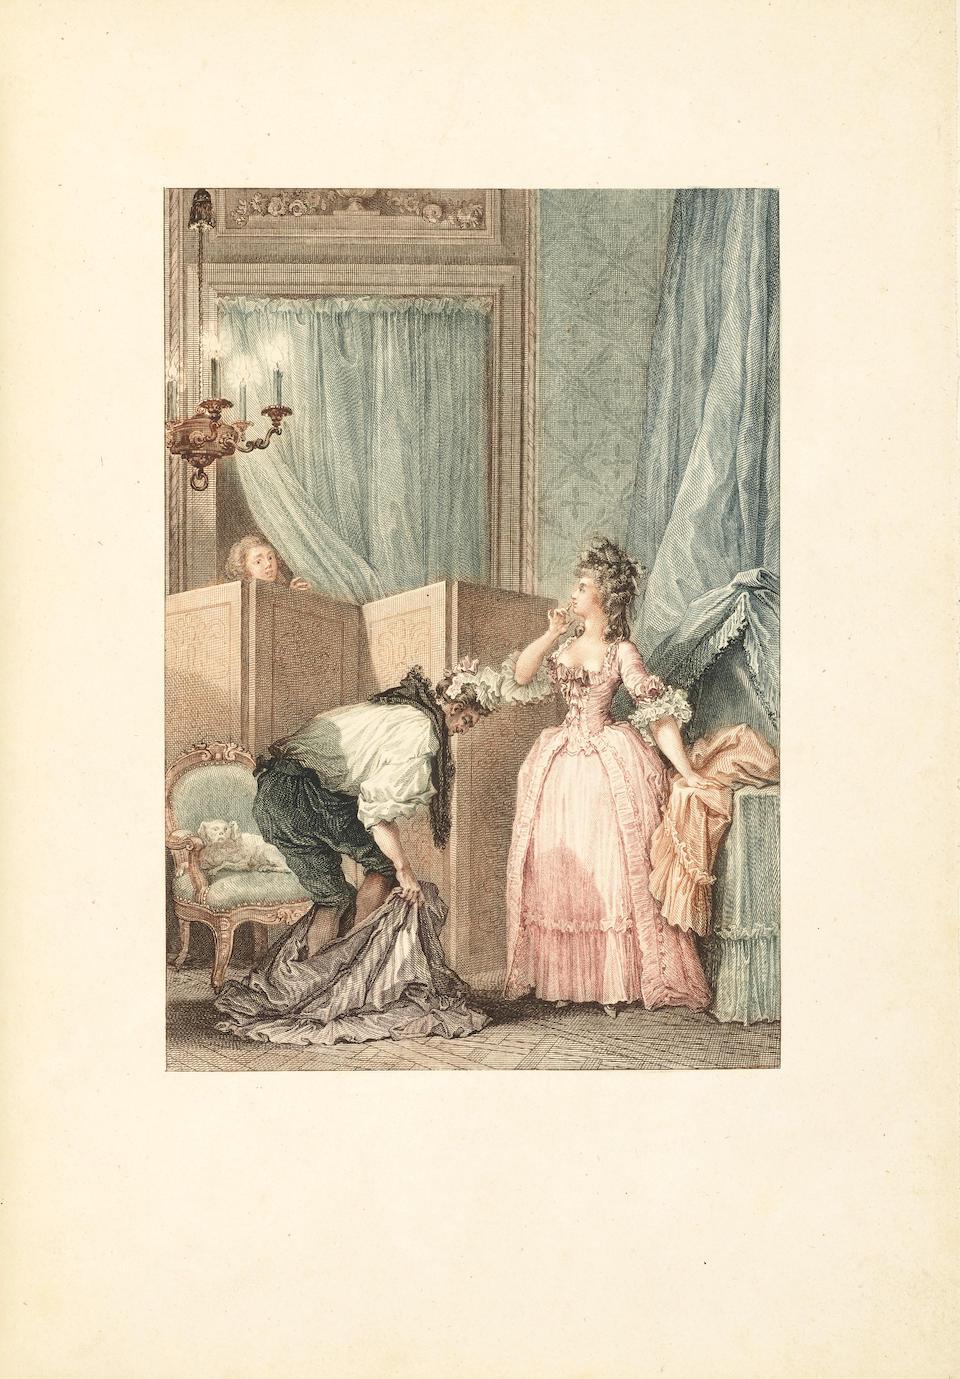 LA FONTAINE, JEAN DE. 1621-1695. Contes et nouvelles en vers. Paris: Pierre Didot l'Aîné', An III [1795].